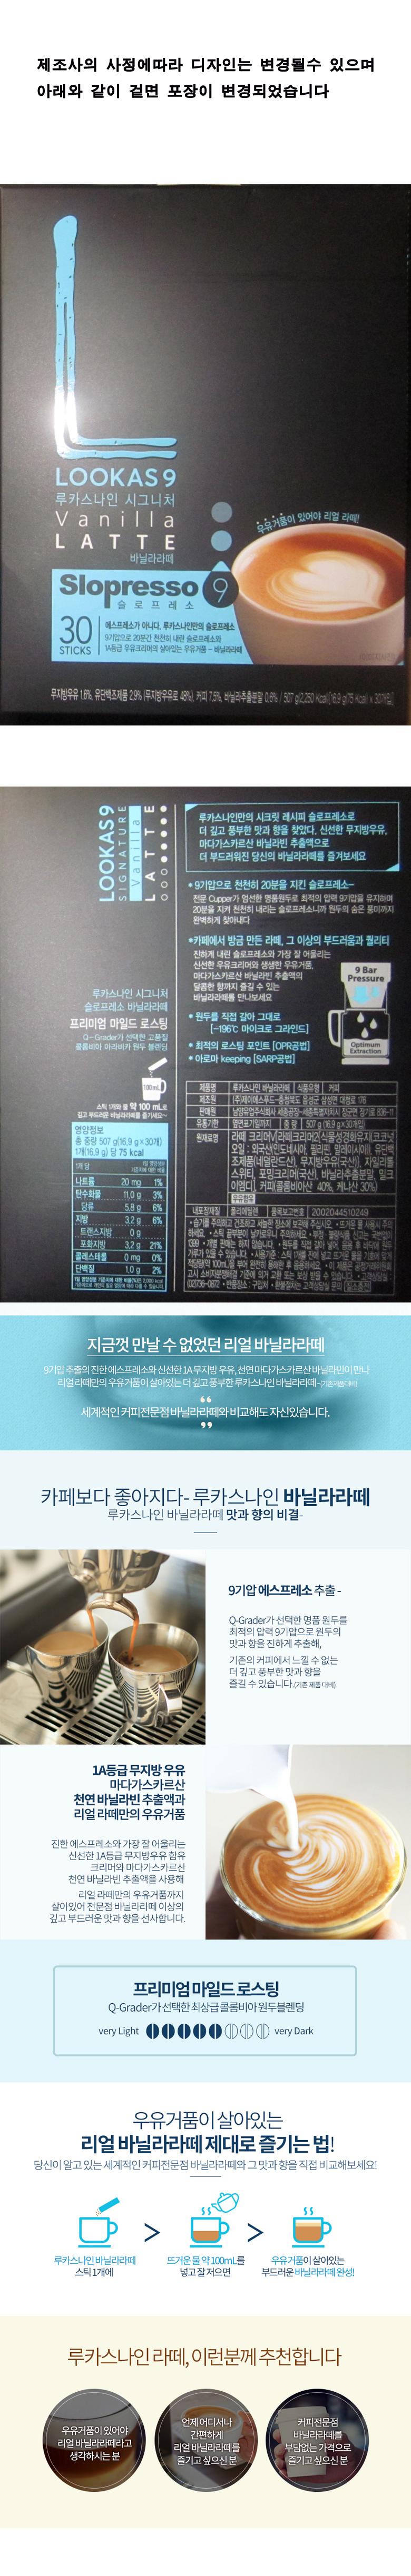 남양 루카스나인 바닐라라떼 30개입 - 아리온, 13,000원, 커피, 커피믹스/인스턴트커피